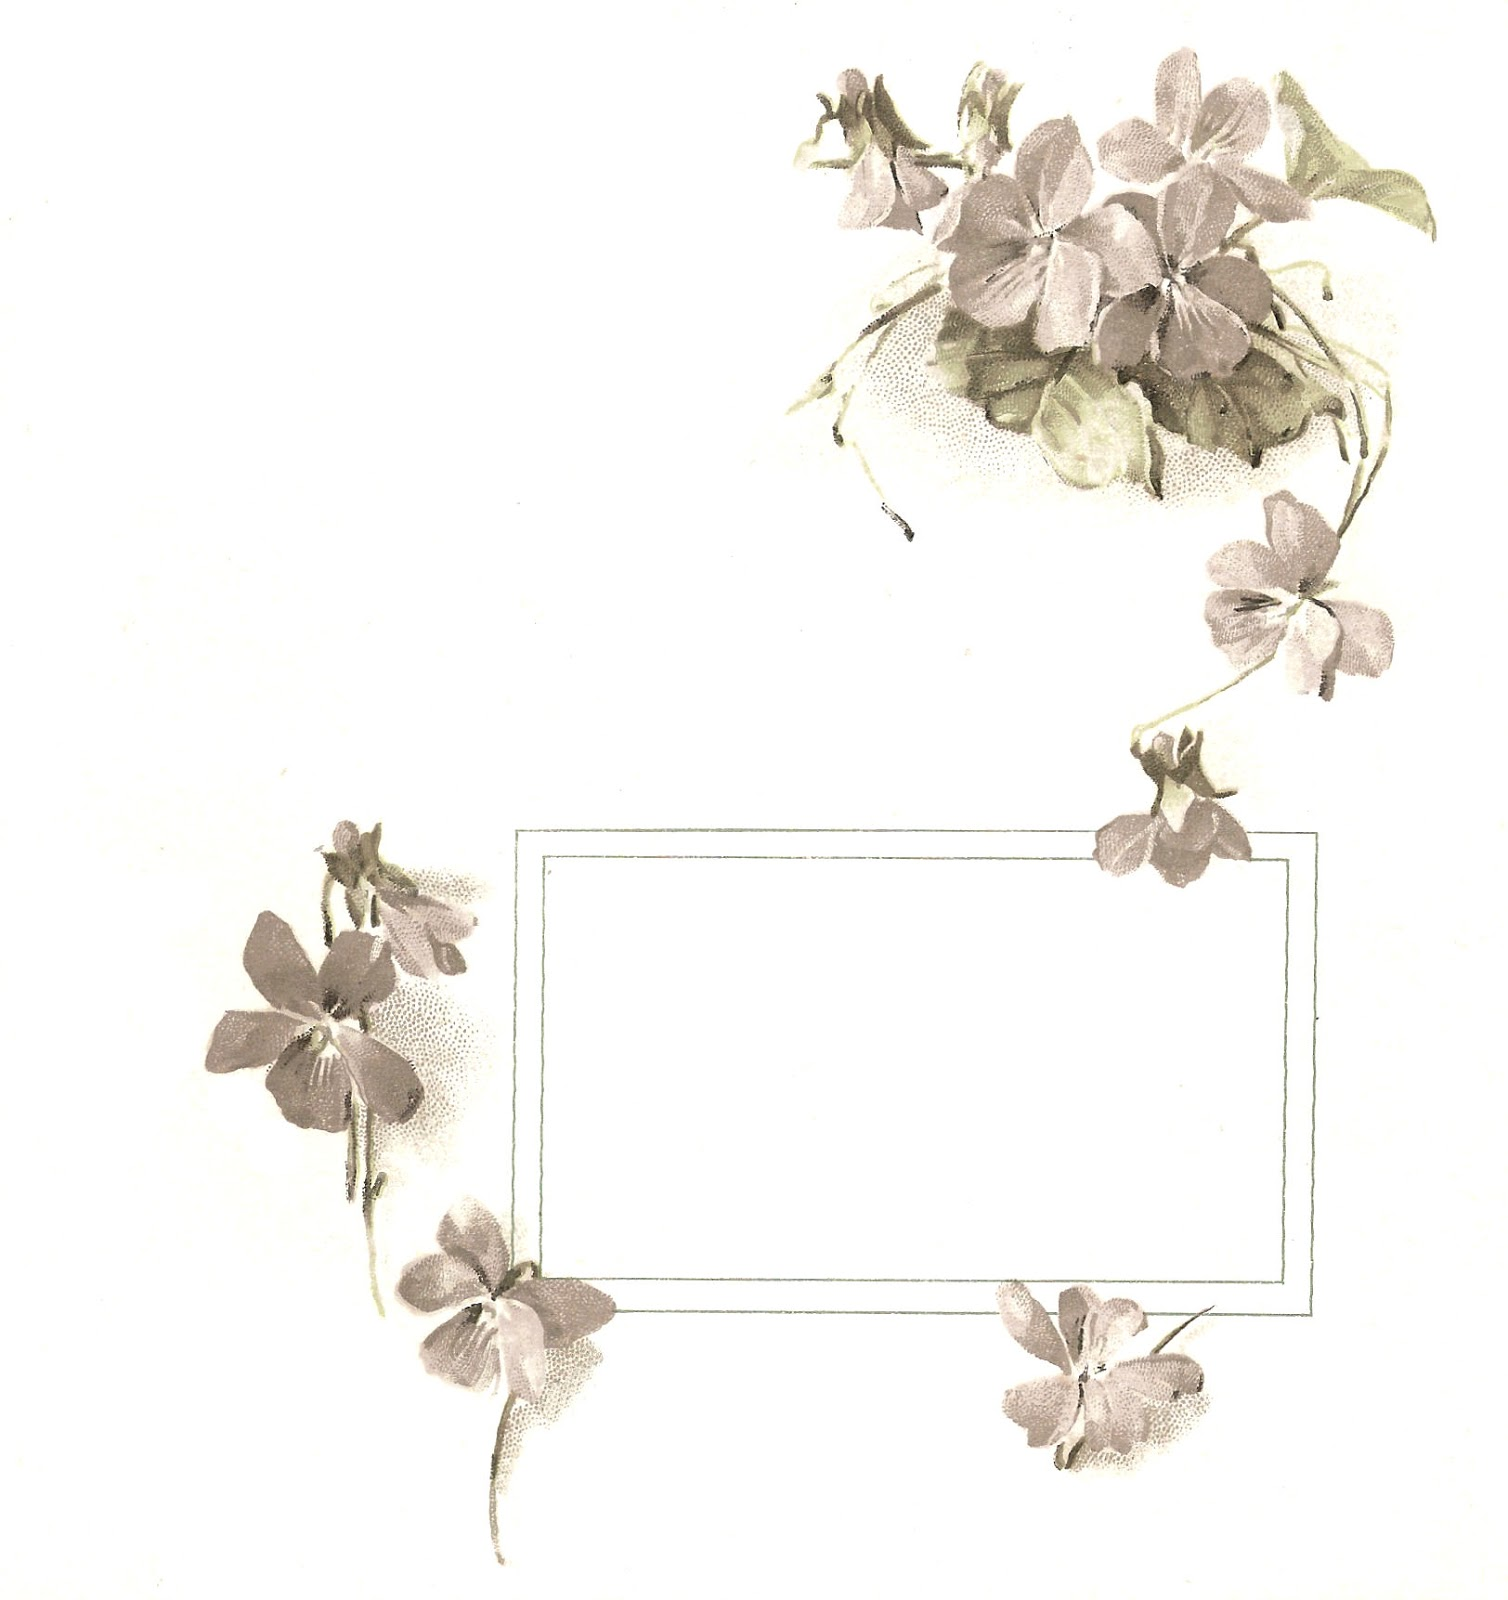 Antique Images Free Printable Flower Frame Image Vintage Forget Me